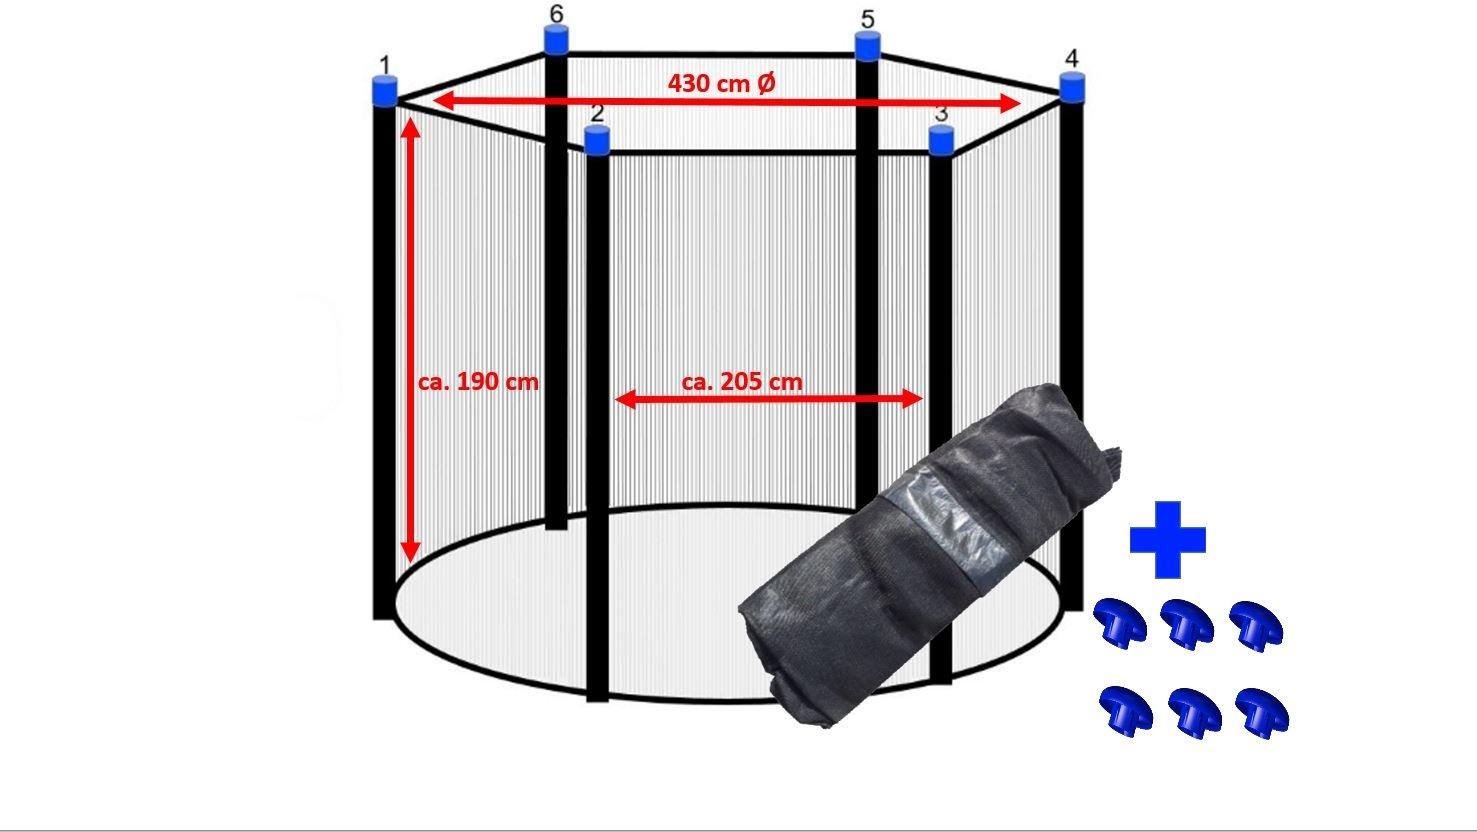 Trampolin Sicherheitsnetz 430 cm Ø für 6 Stangen Ersatznetz Fangnetz